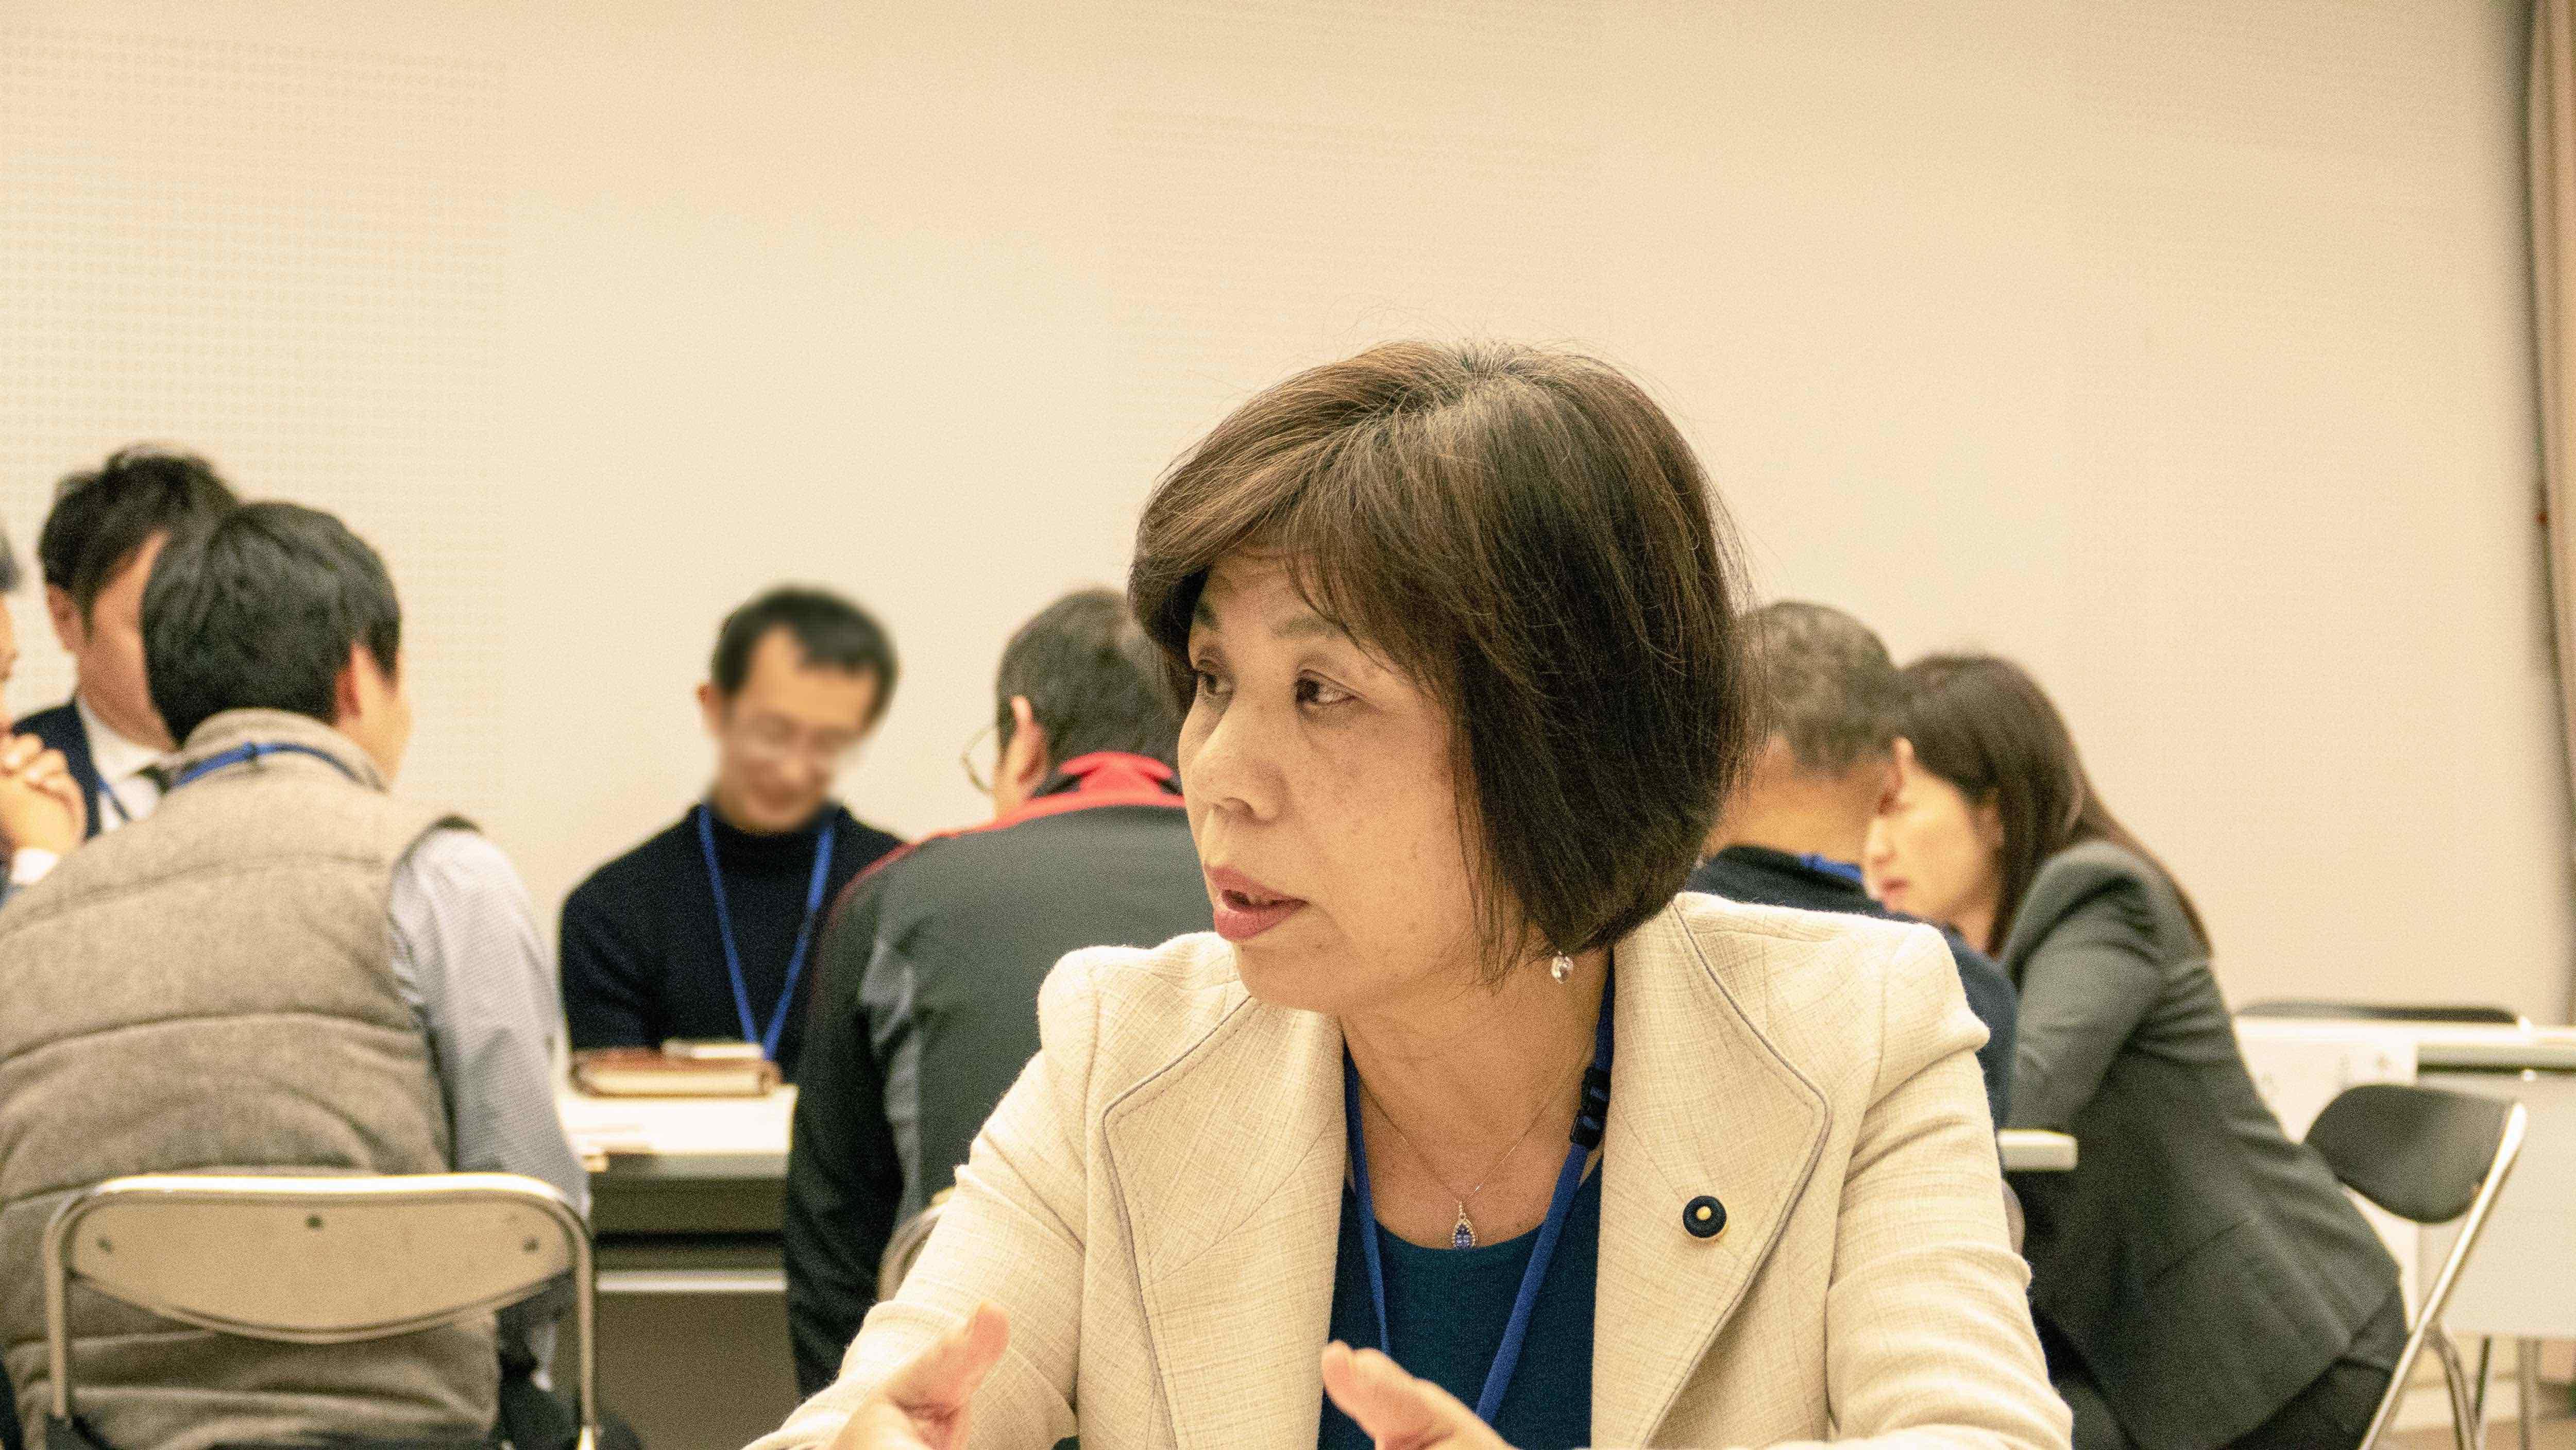 角ともこ島根県議会議員 グループディスカッション 2018年11月18日立憲民主党タウンミーティングinいずも